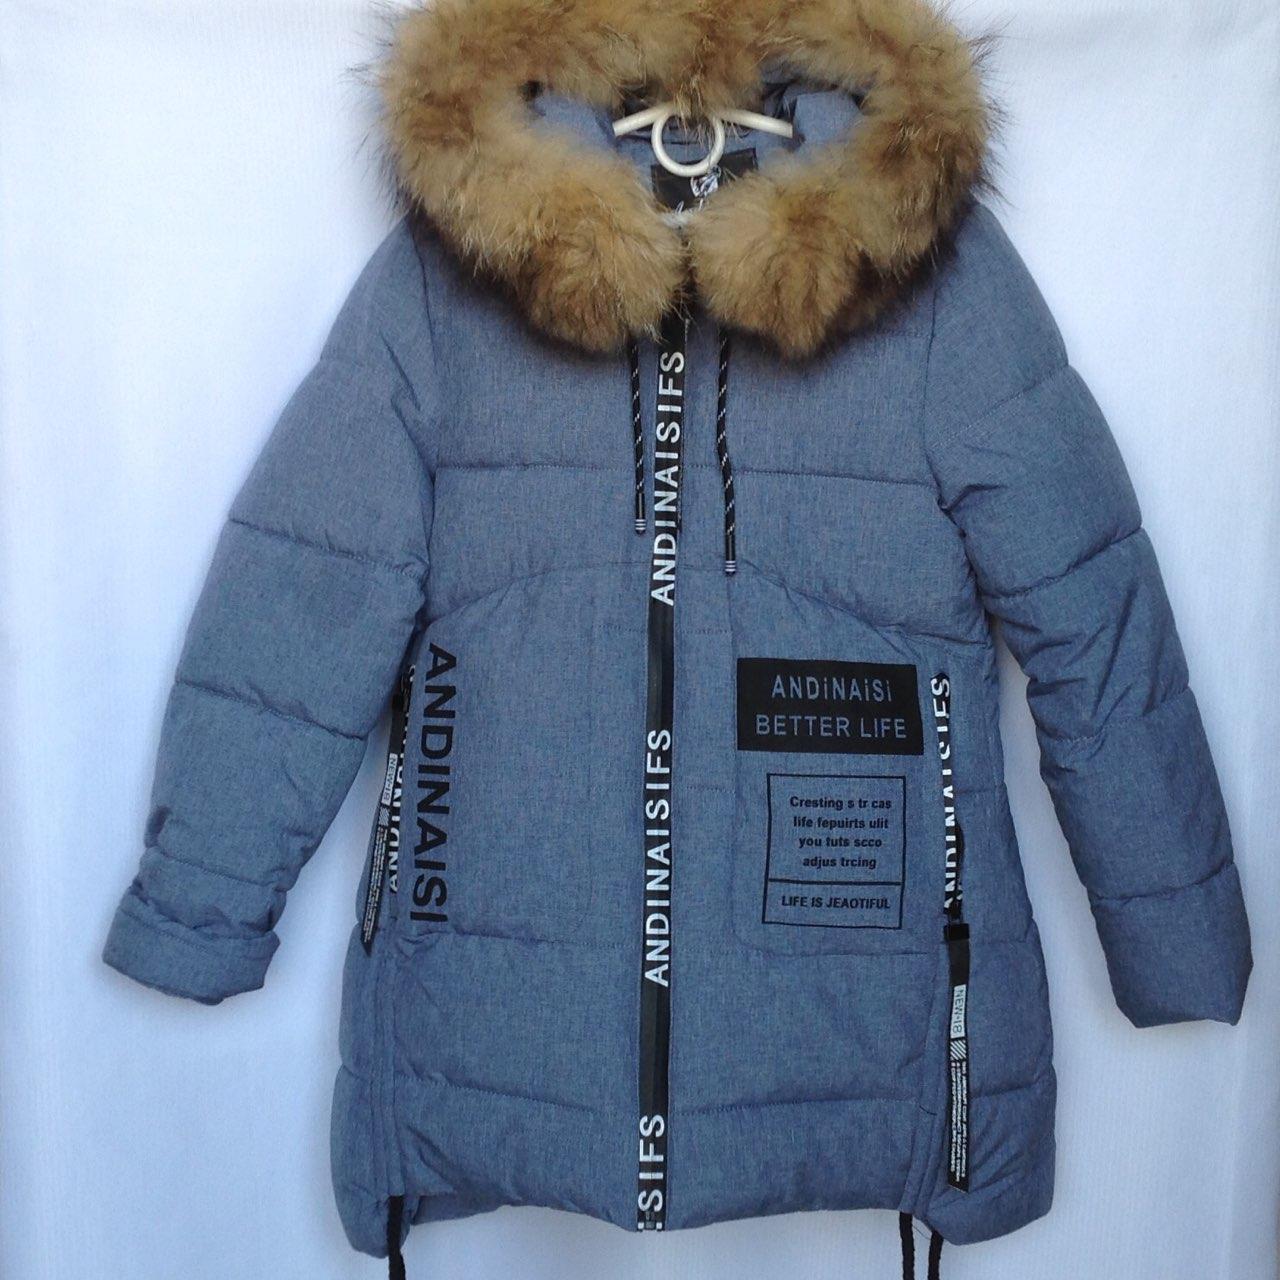 Куртка подростковая зимняя Better LIFE #8726 для девочек. 140-164 см (10-14 лет). Серо-синяя. Оптом.